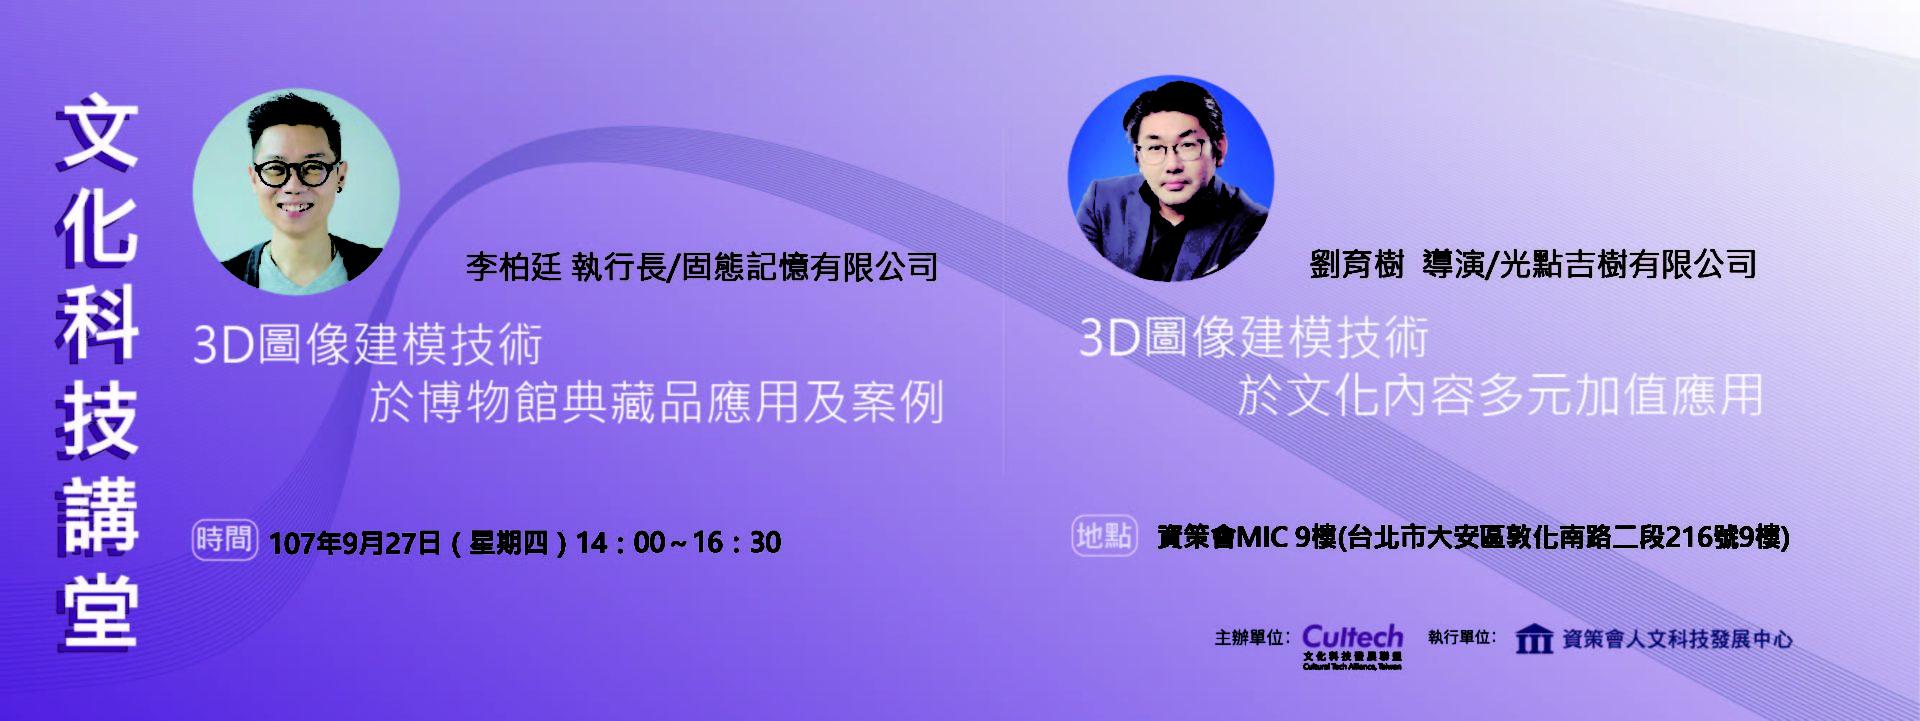 資策會人文科技發展中心、中華民國博物館學會合作辦理:2018/09/27【「文化科技講堂」-3D圖像建模技術與文化內容應用】